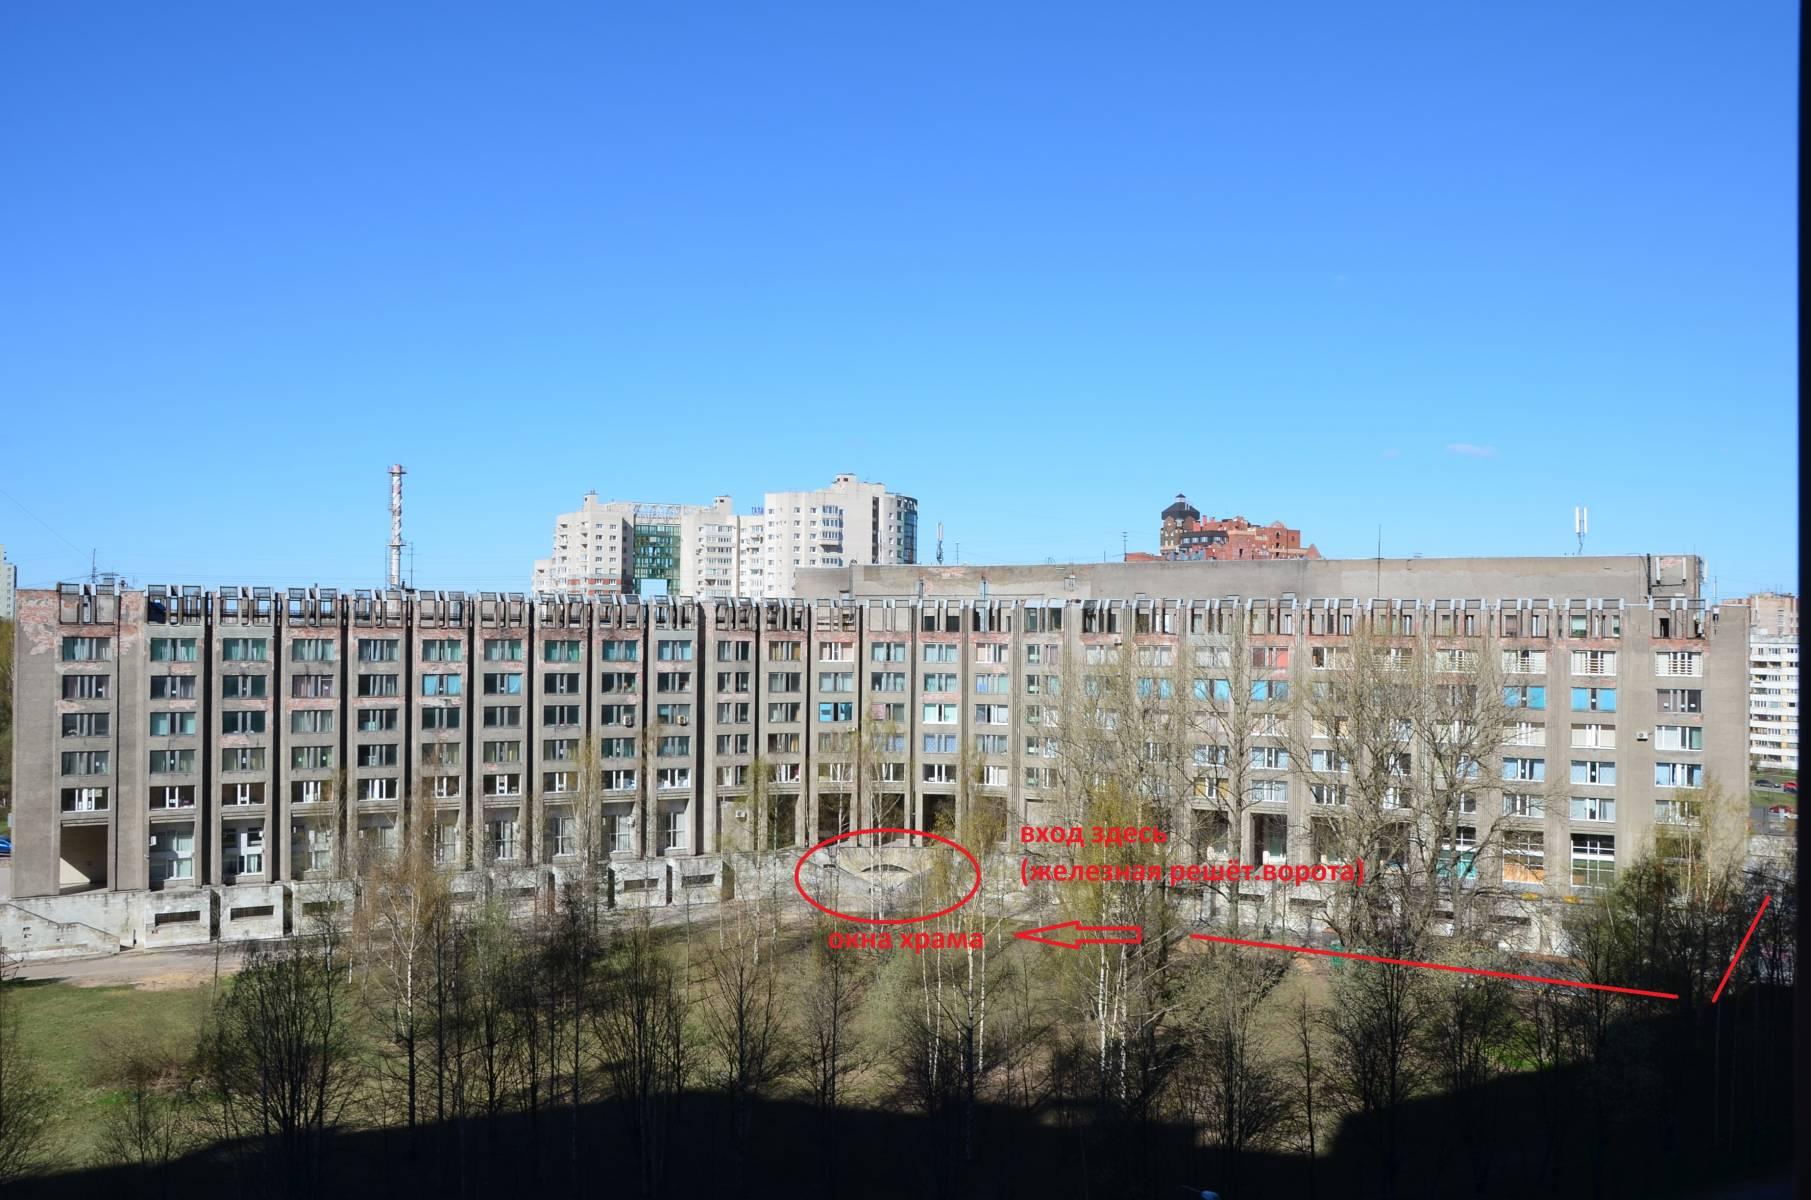 Поликлиника советского района алтайского края